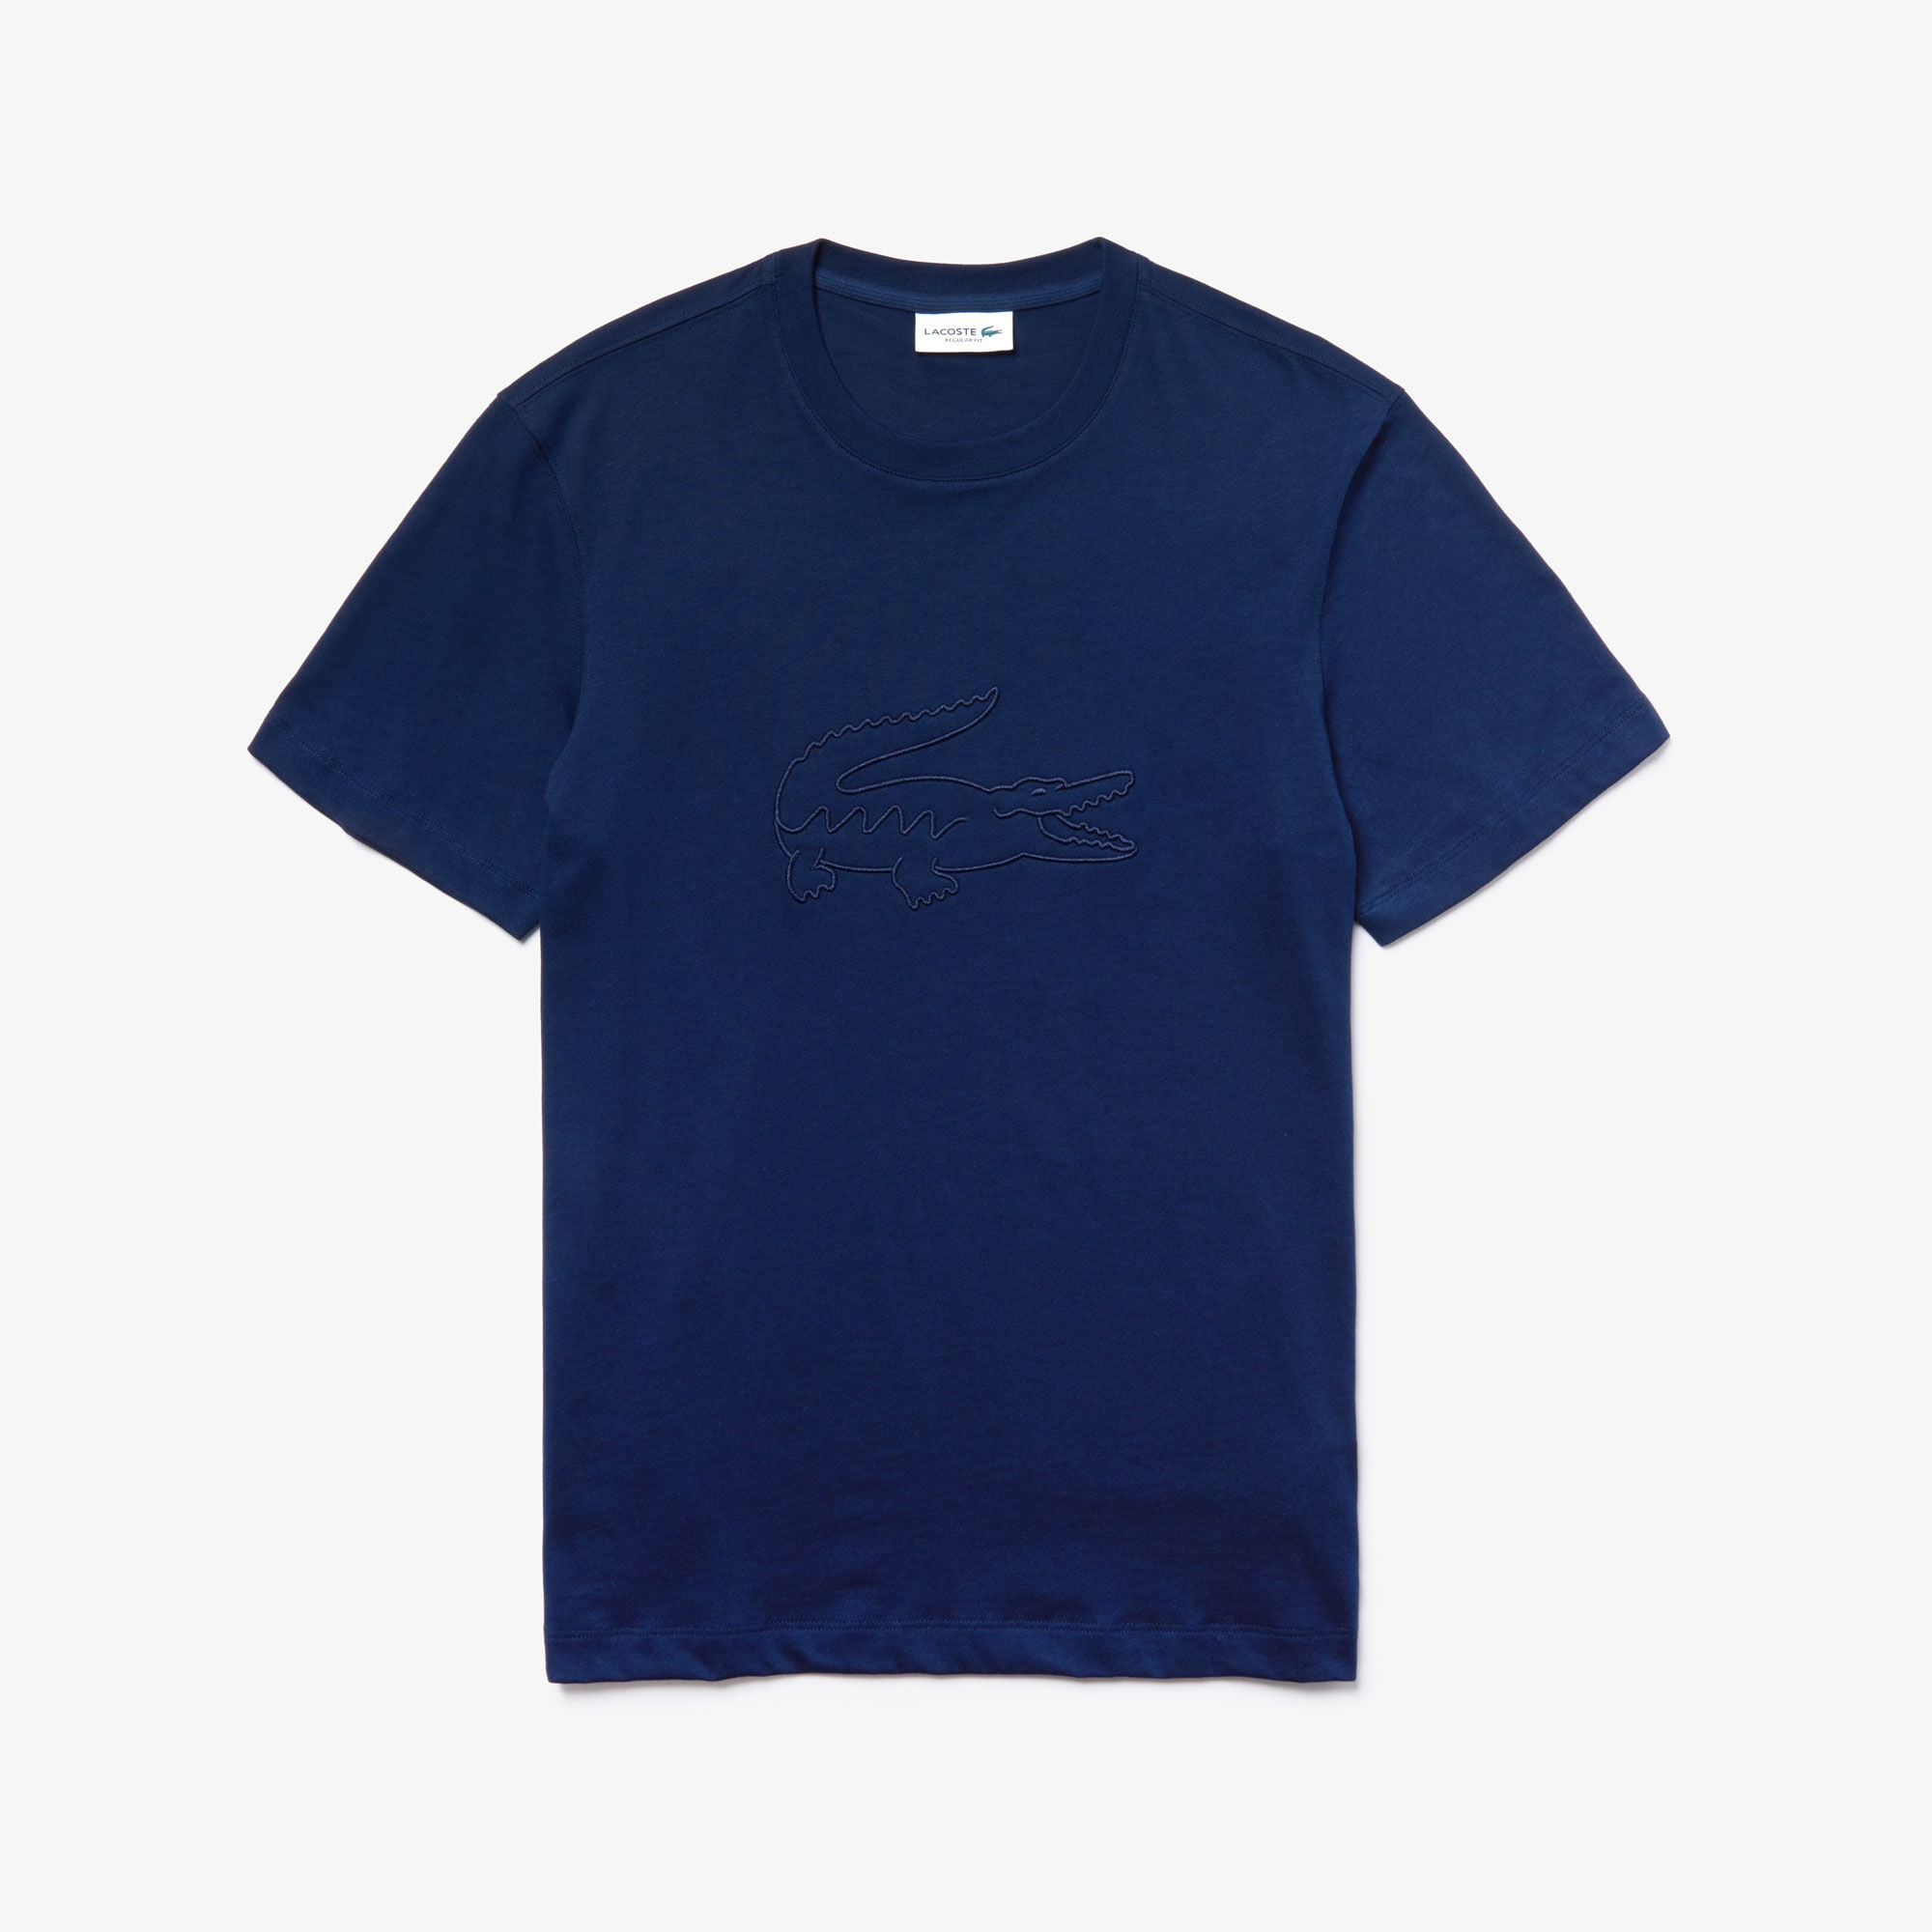 587a75463b357 T-Shirts | Vêtements Homme | LACOSTE